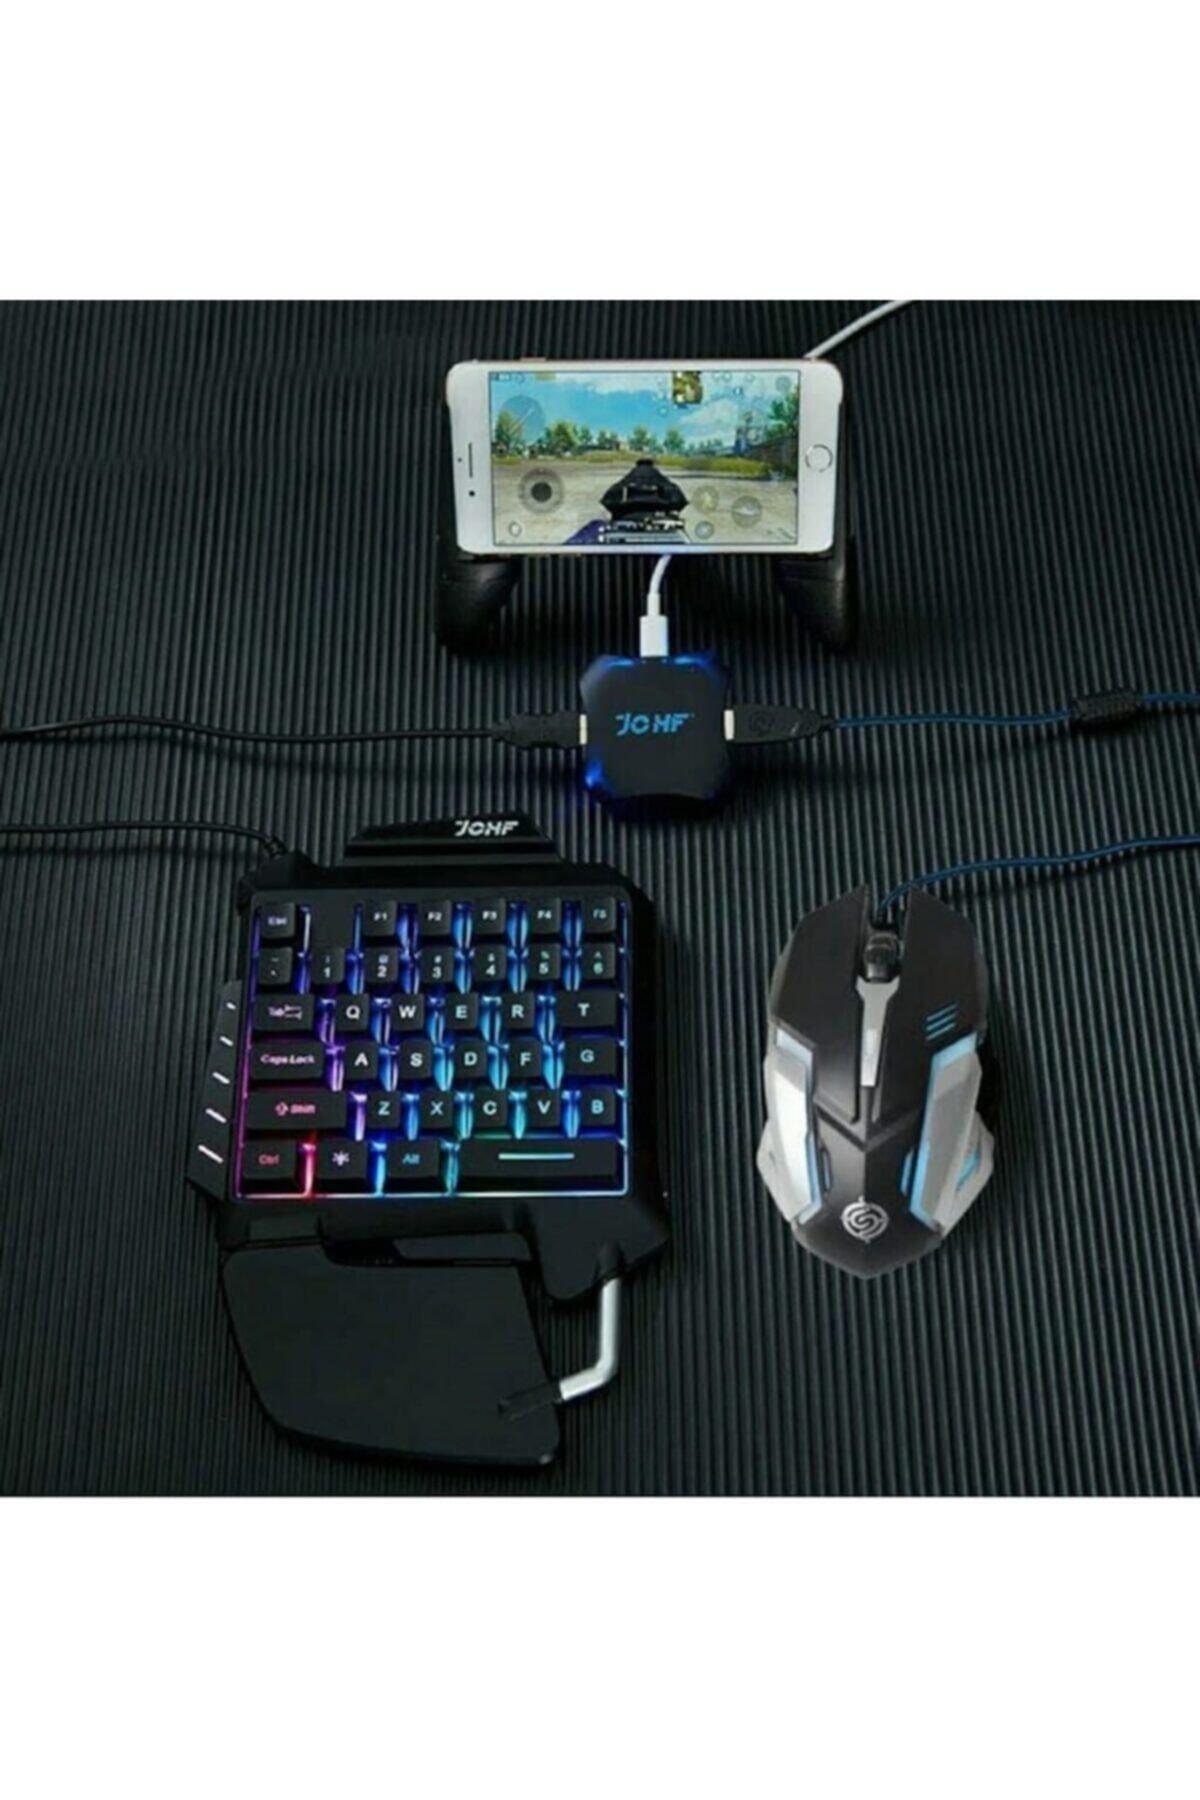 thorqtech Pubg Oyun Konsolu 3 In1 Klavye Mouse Bağlayıcı Pubg Klavye Mouse Seti 1